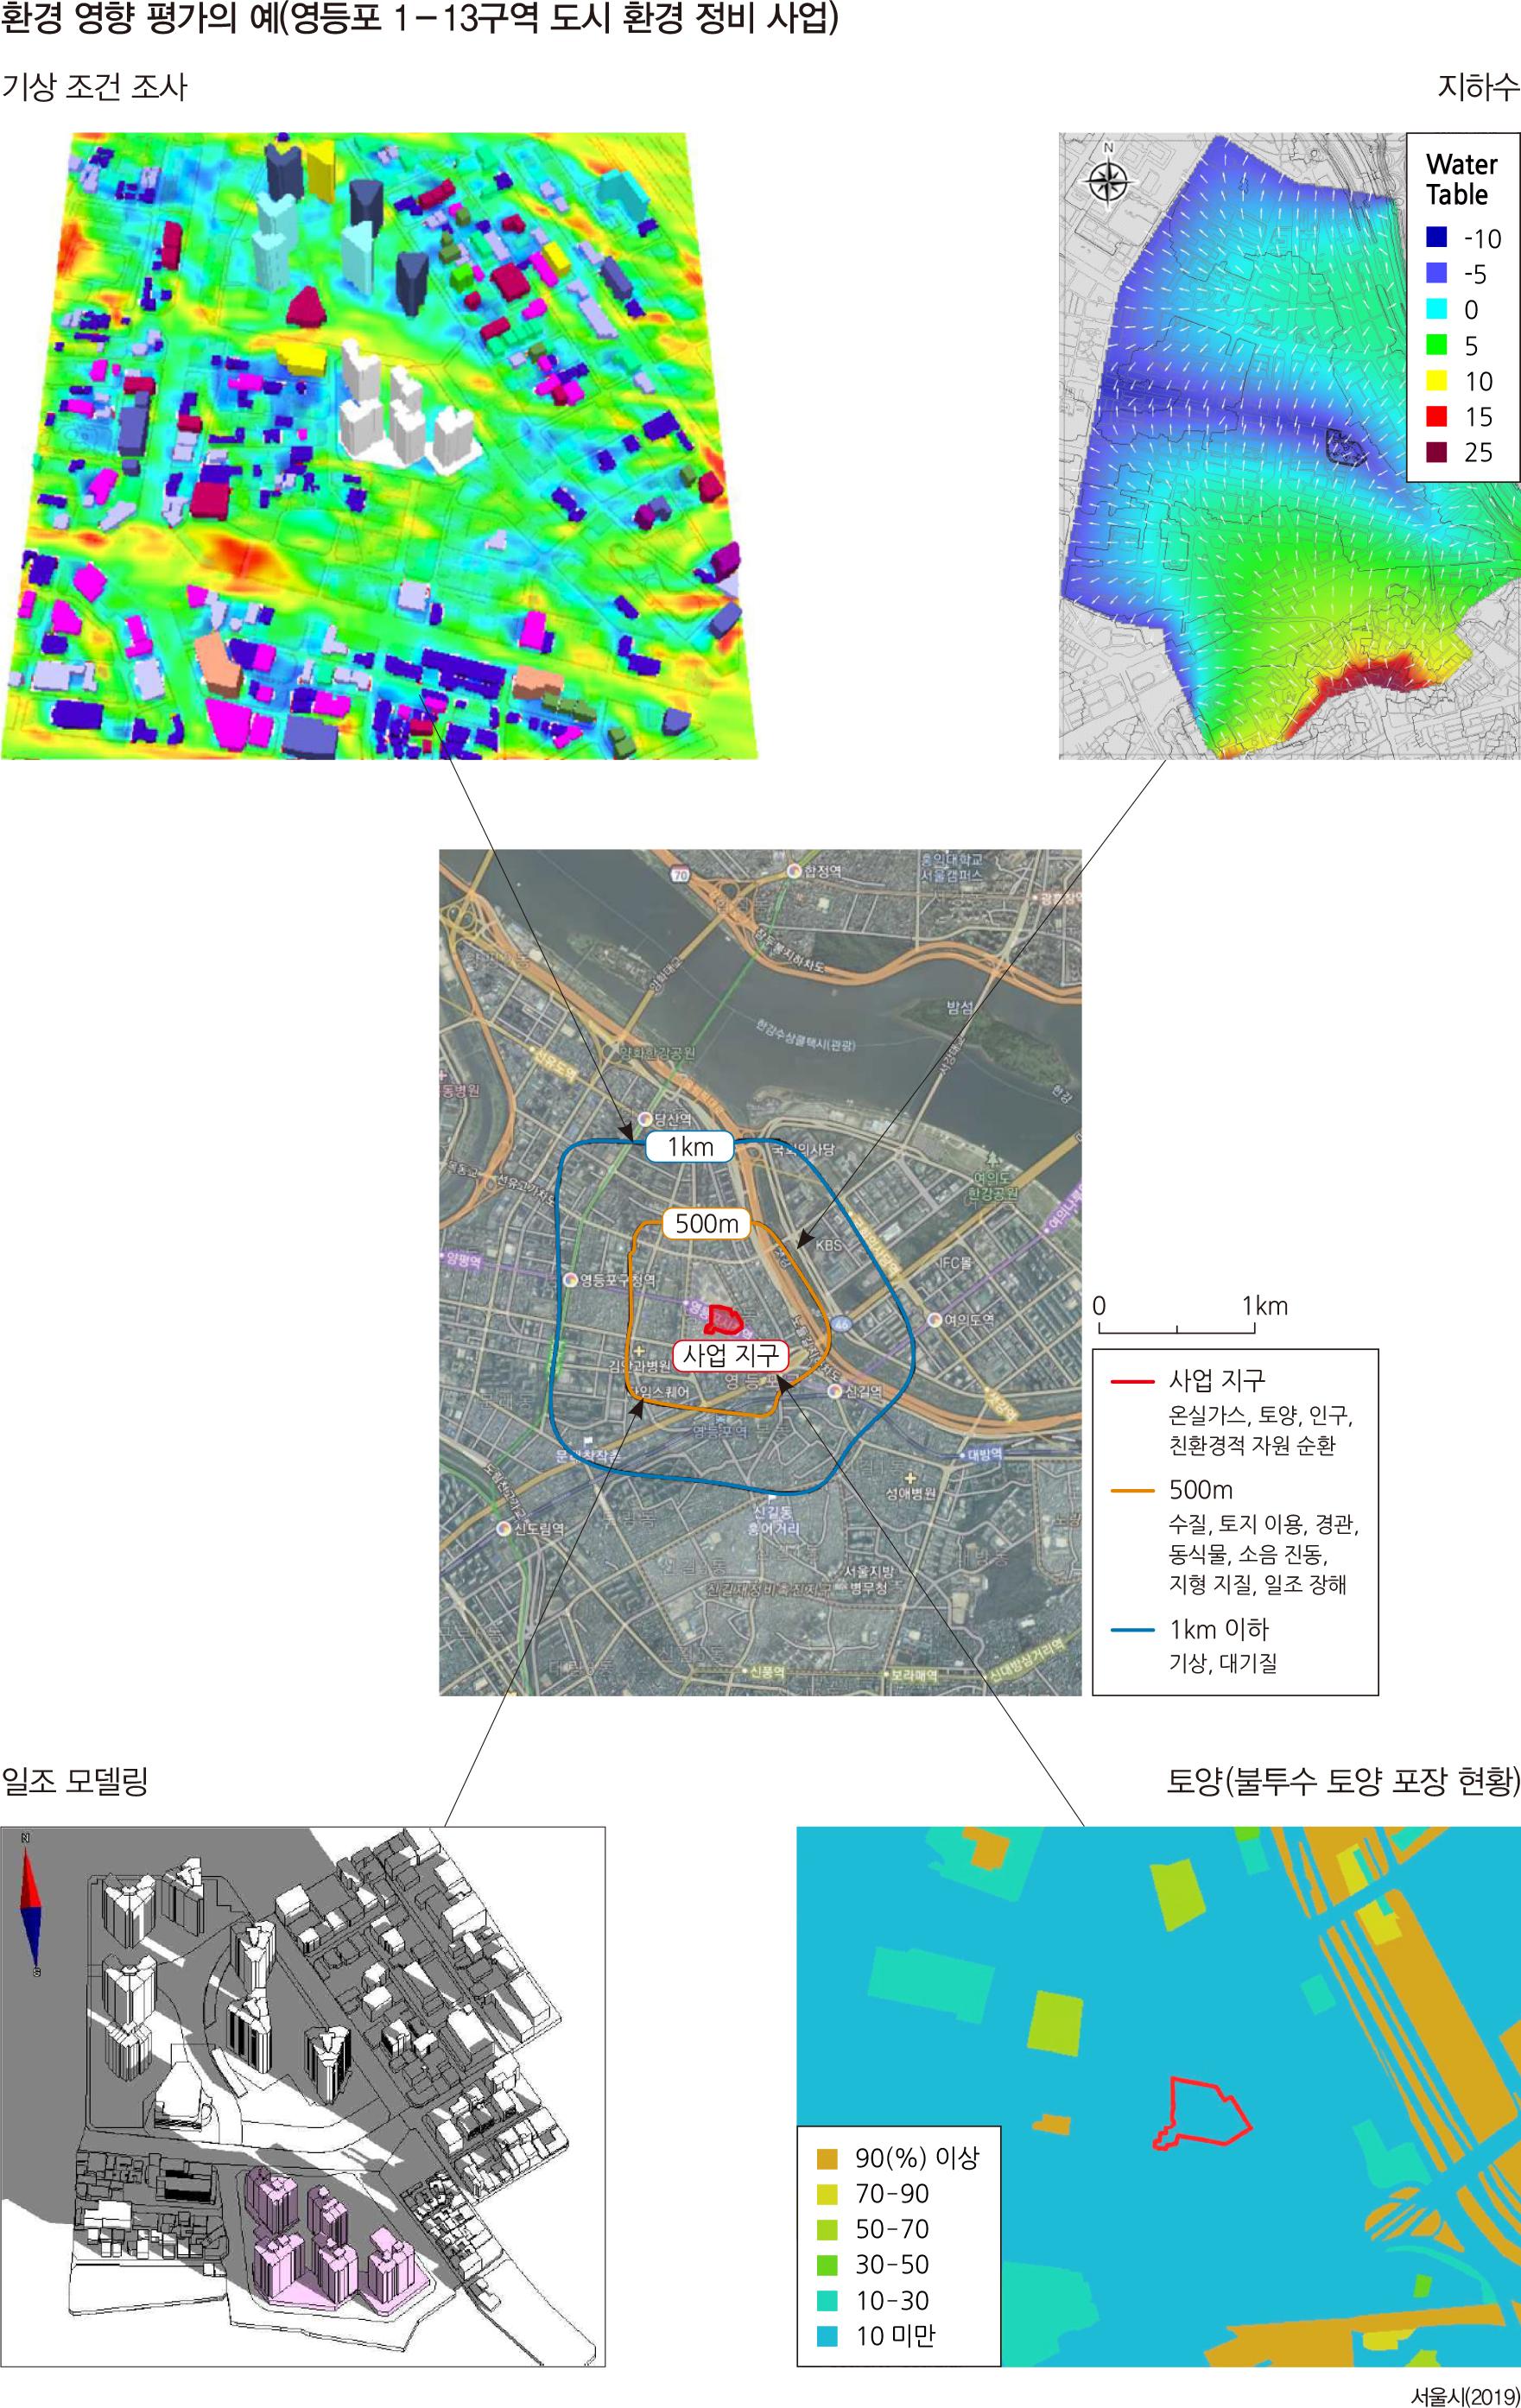 환경 영향 평가의 예(영등포 1-13구역 도시 환경 정비 사업)